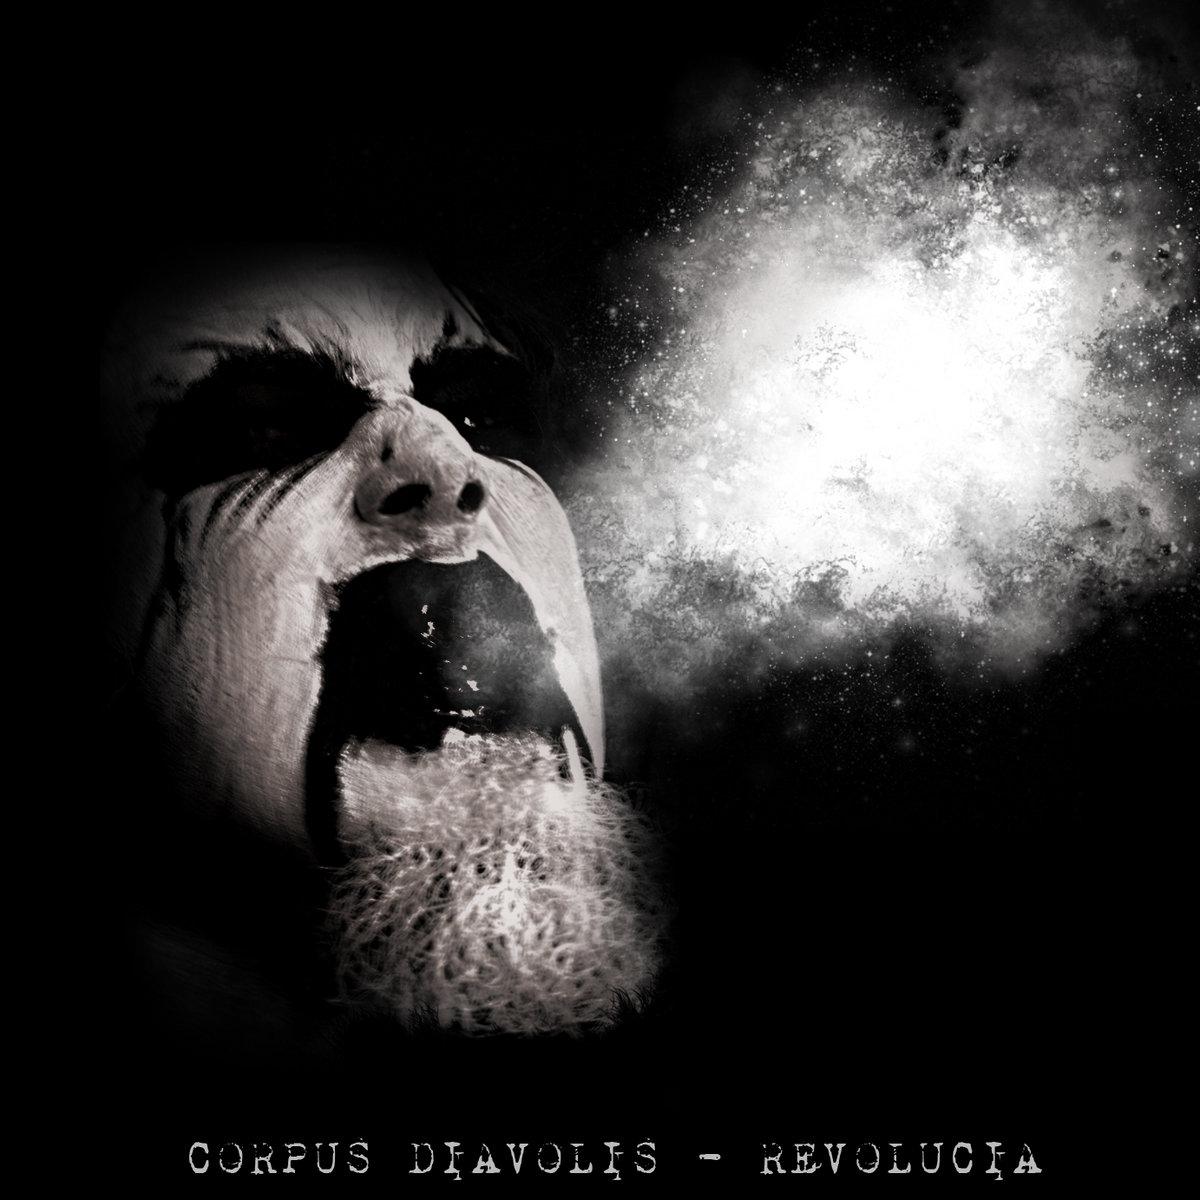 Corpus Diavolis - Revolucia (2010)